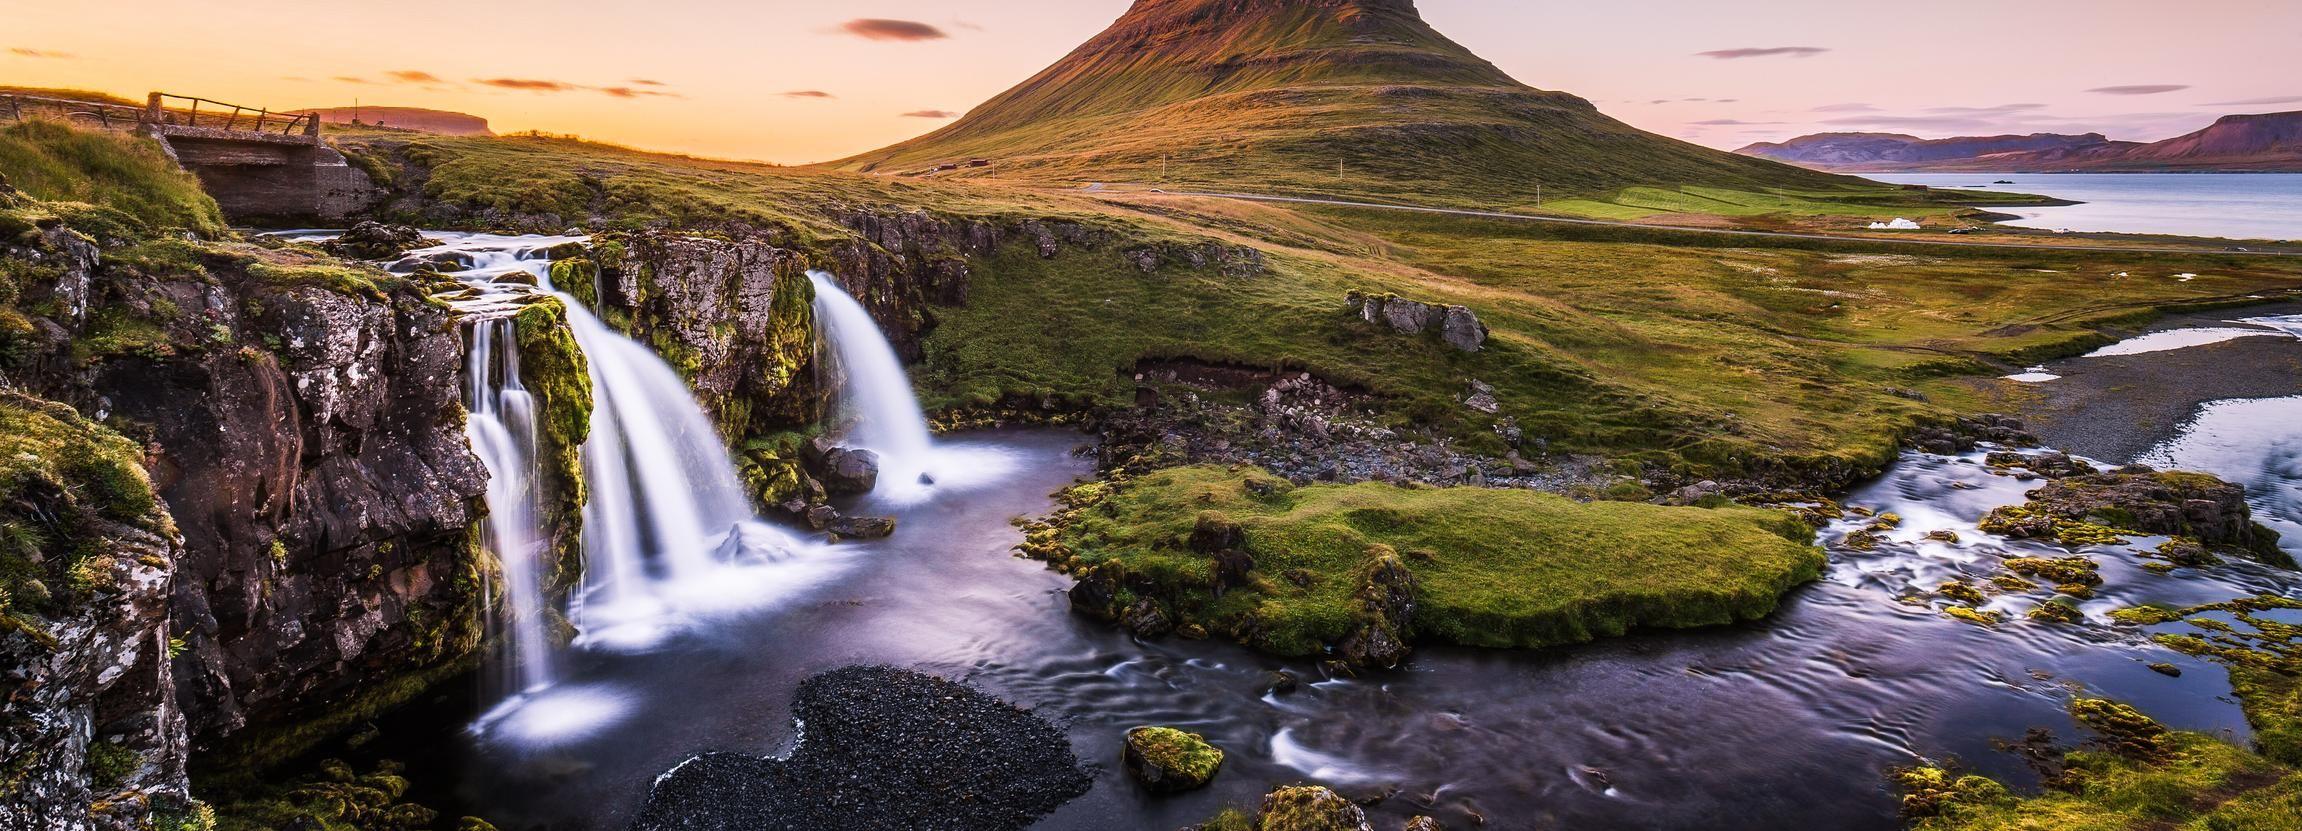 Desde Reikiavik: 1 día en la península de Snæfellsnes